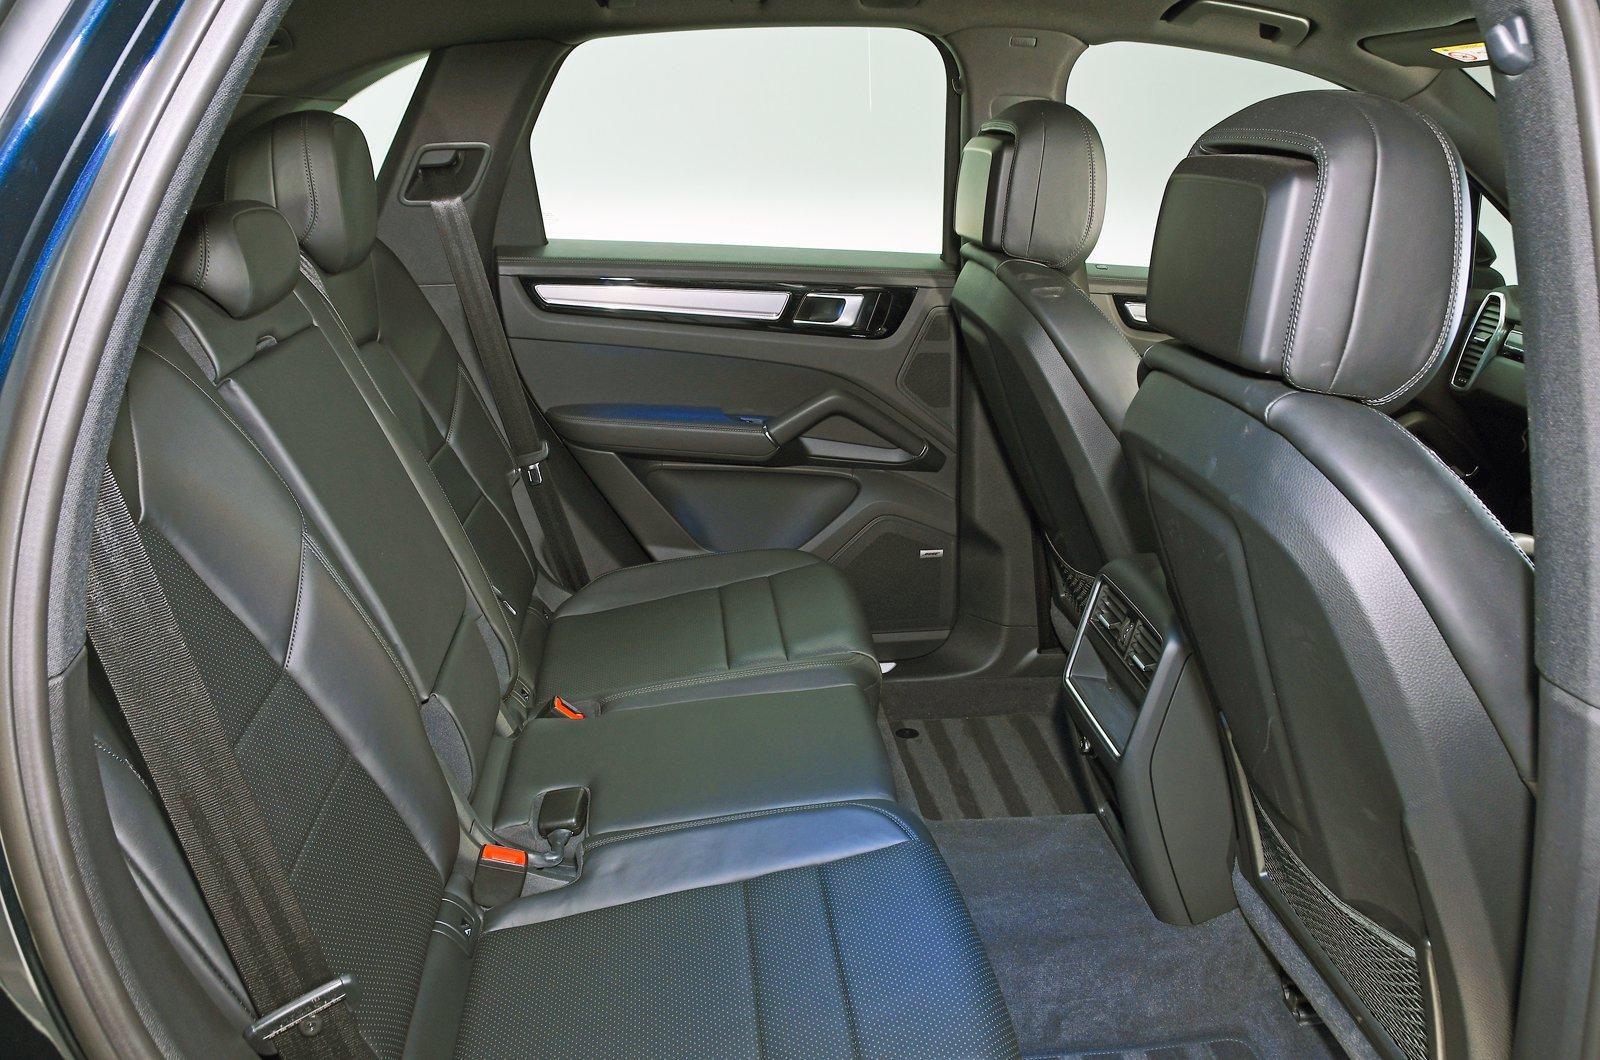 Porsche Cayenne E-Hybrid rear seats